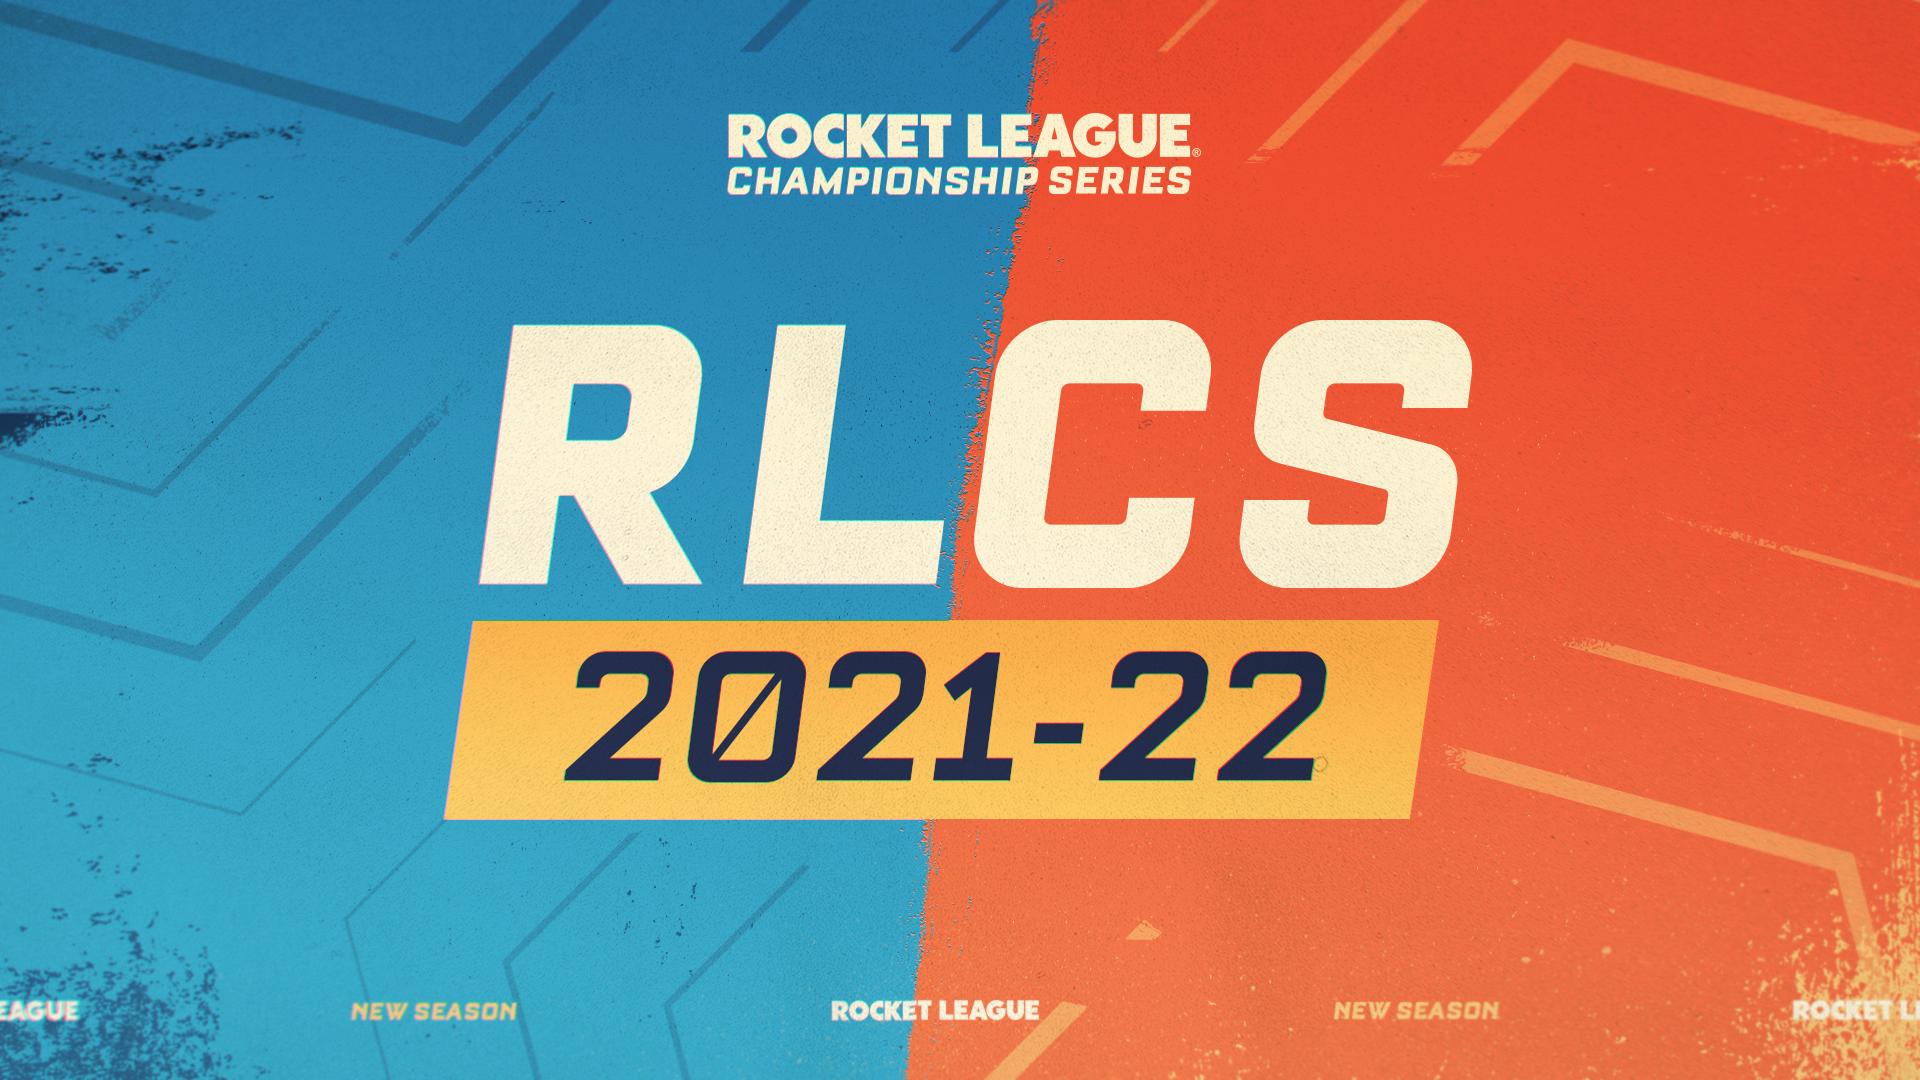 rocket league championship series